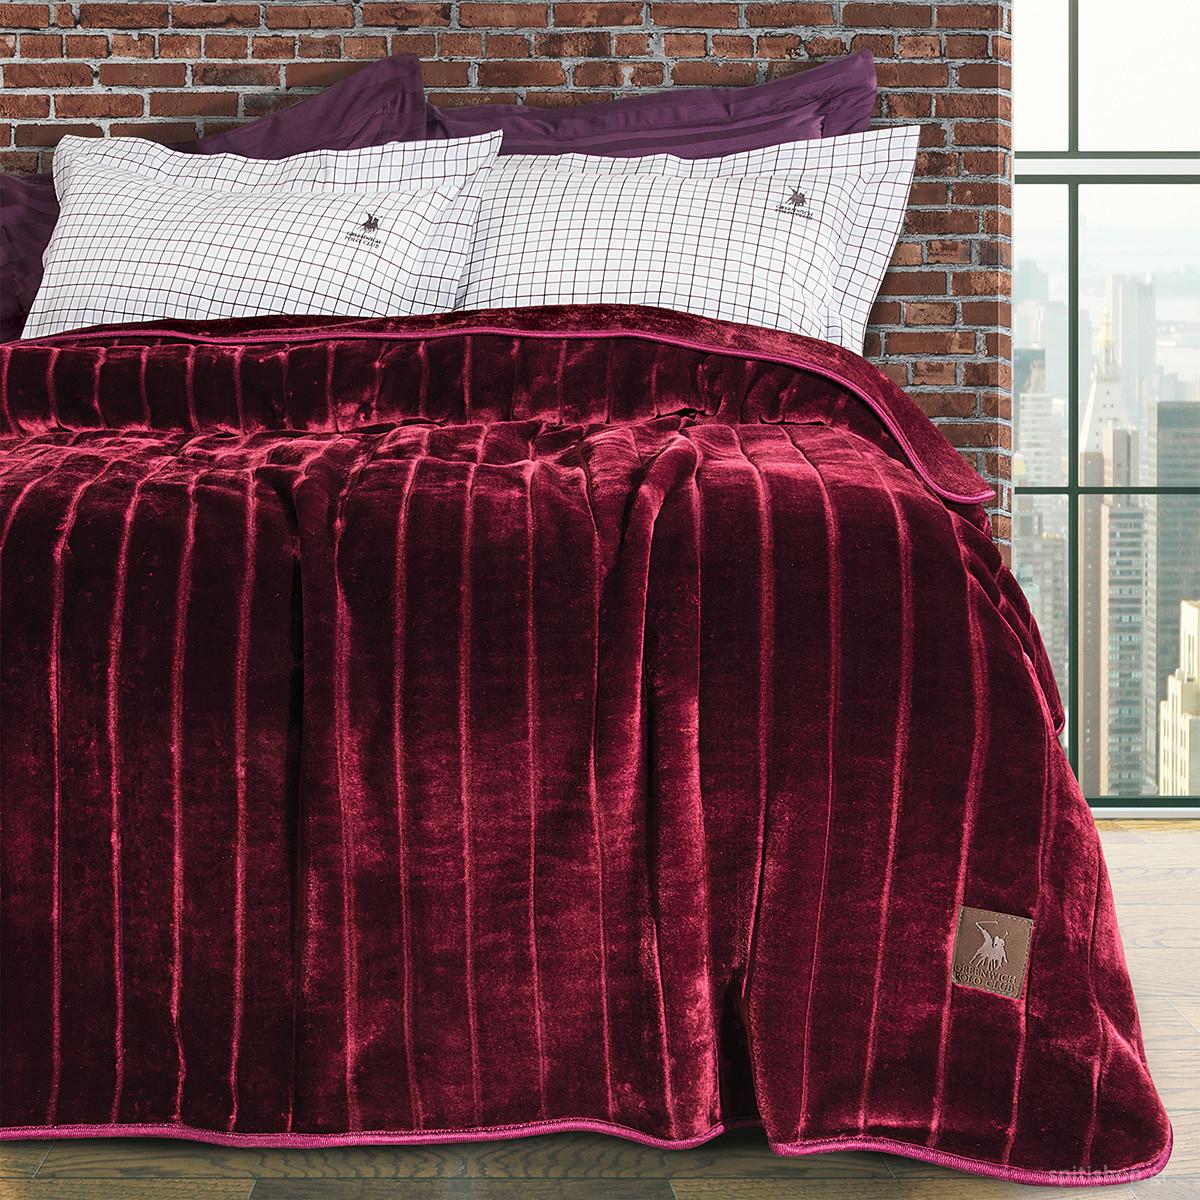 Κουβέρτα Βελουτέ Υπέρδιπλη Polo Club Essential Blanket 2427